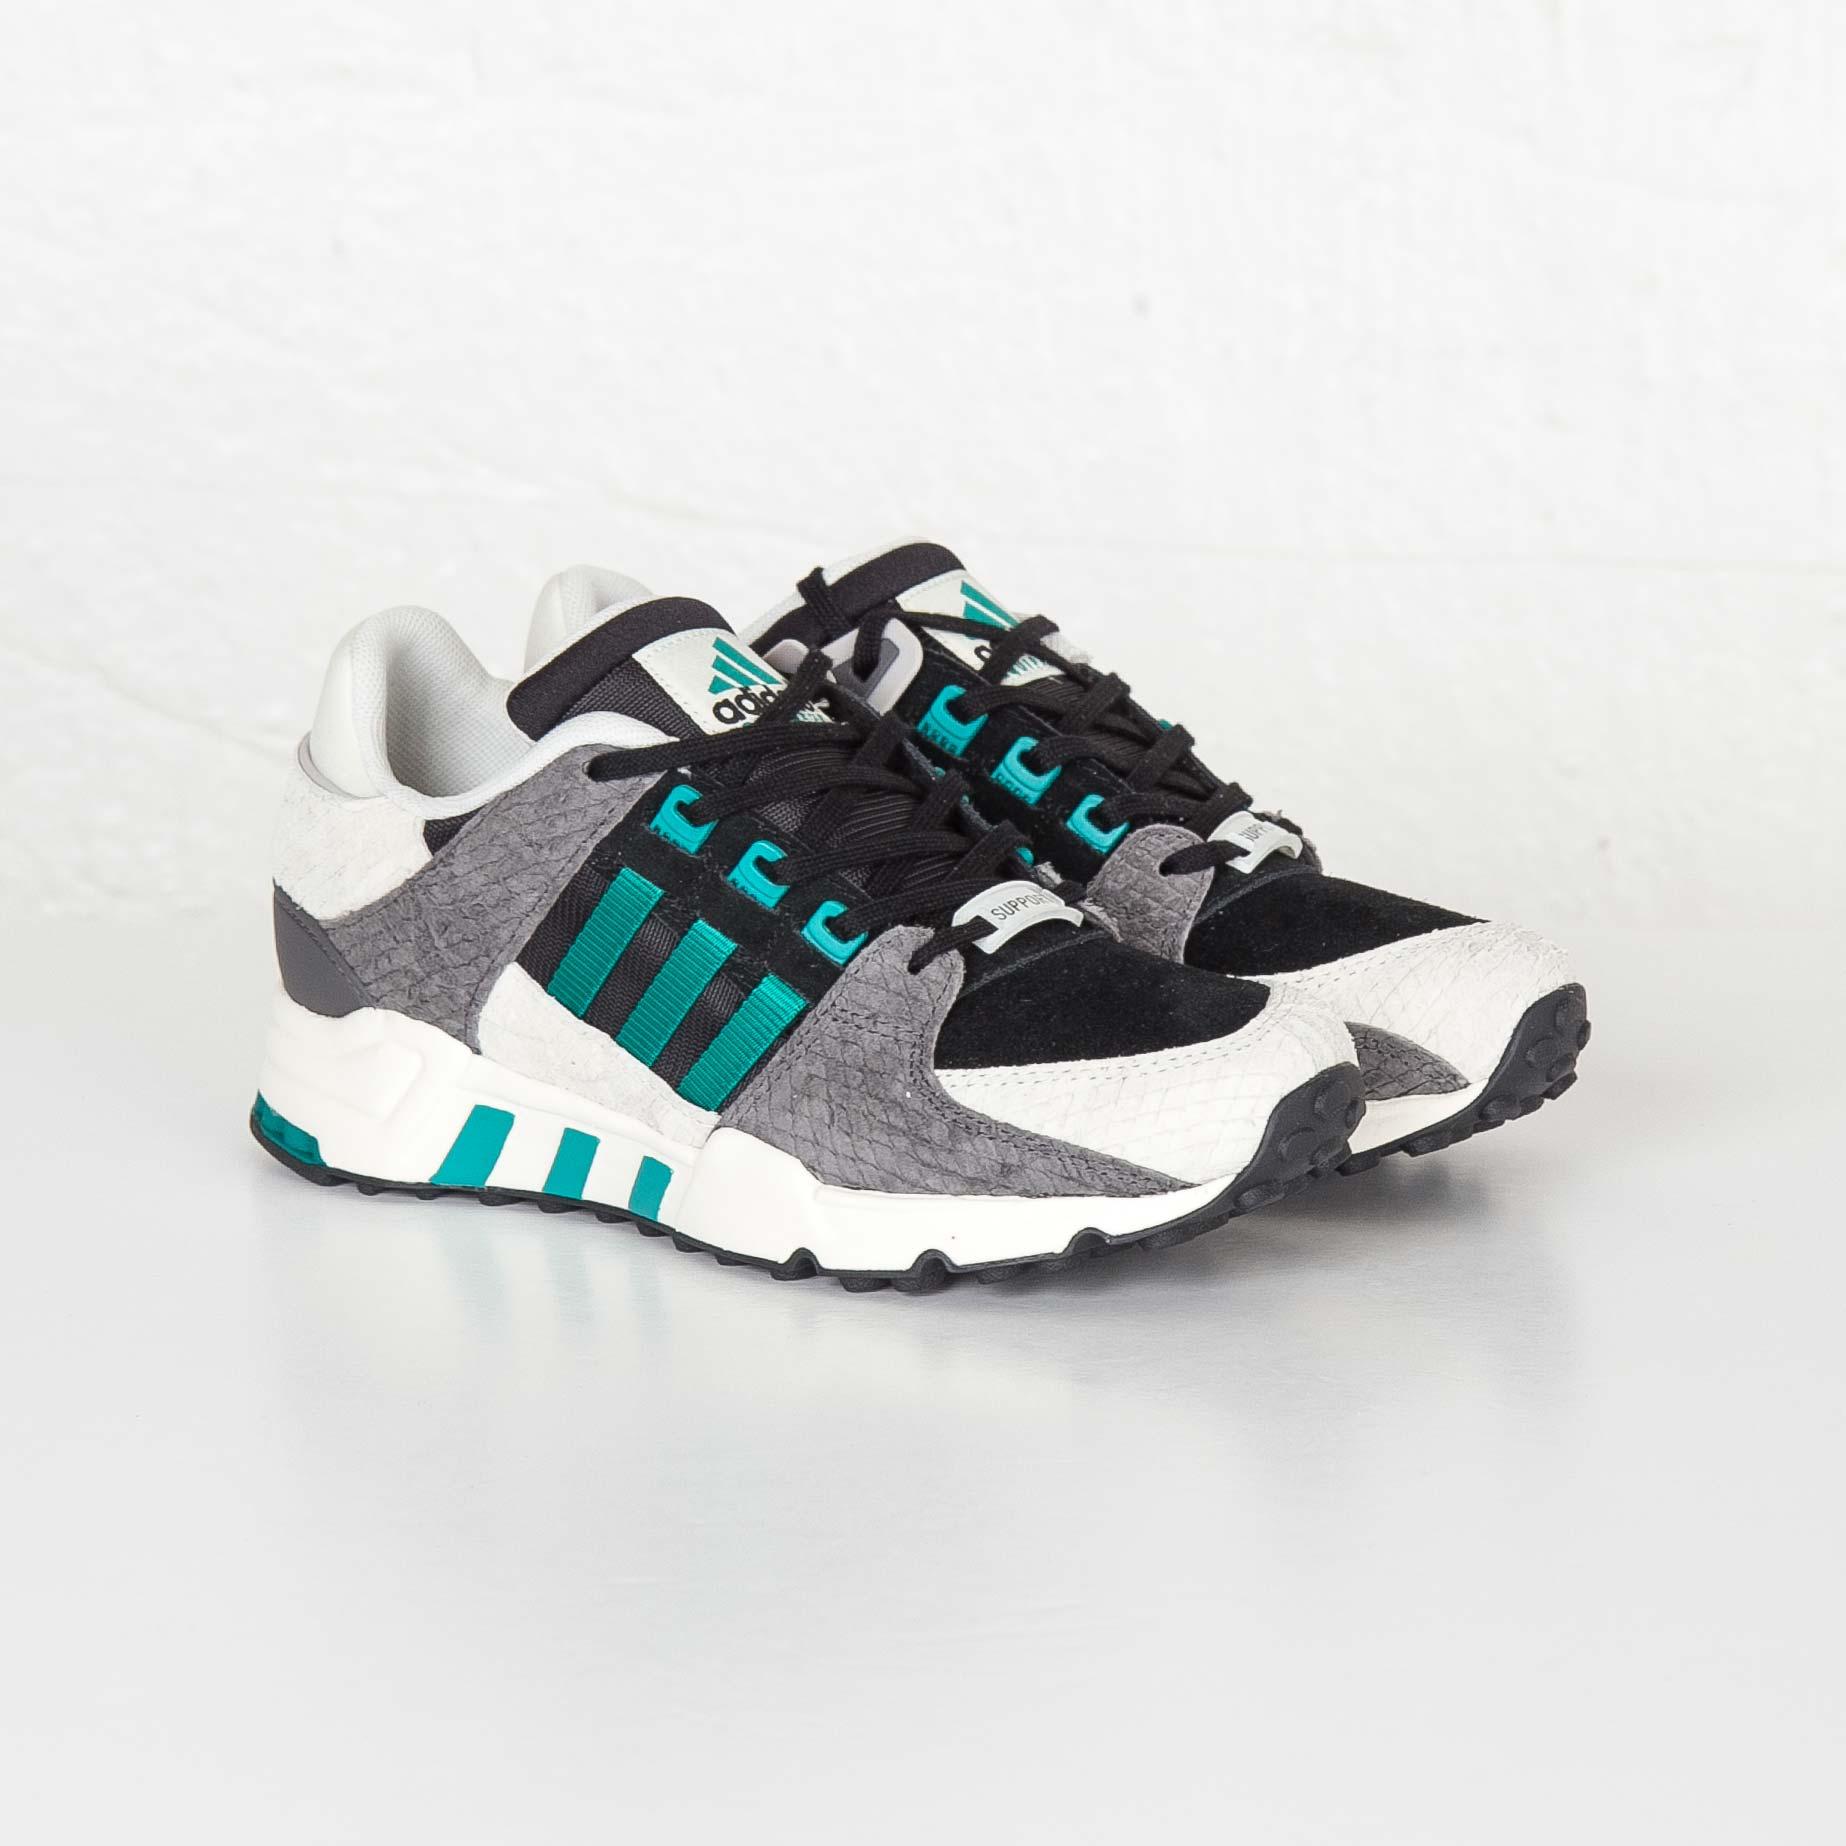 adidas Equipment Running Support 93 - S78910 - Sneakersnstuff ... 878b16ee71